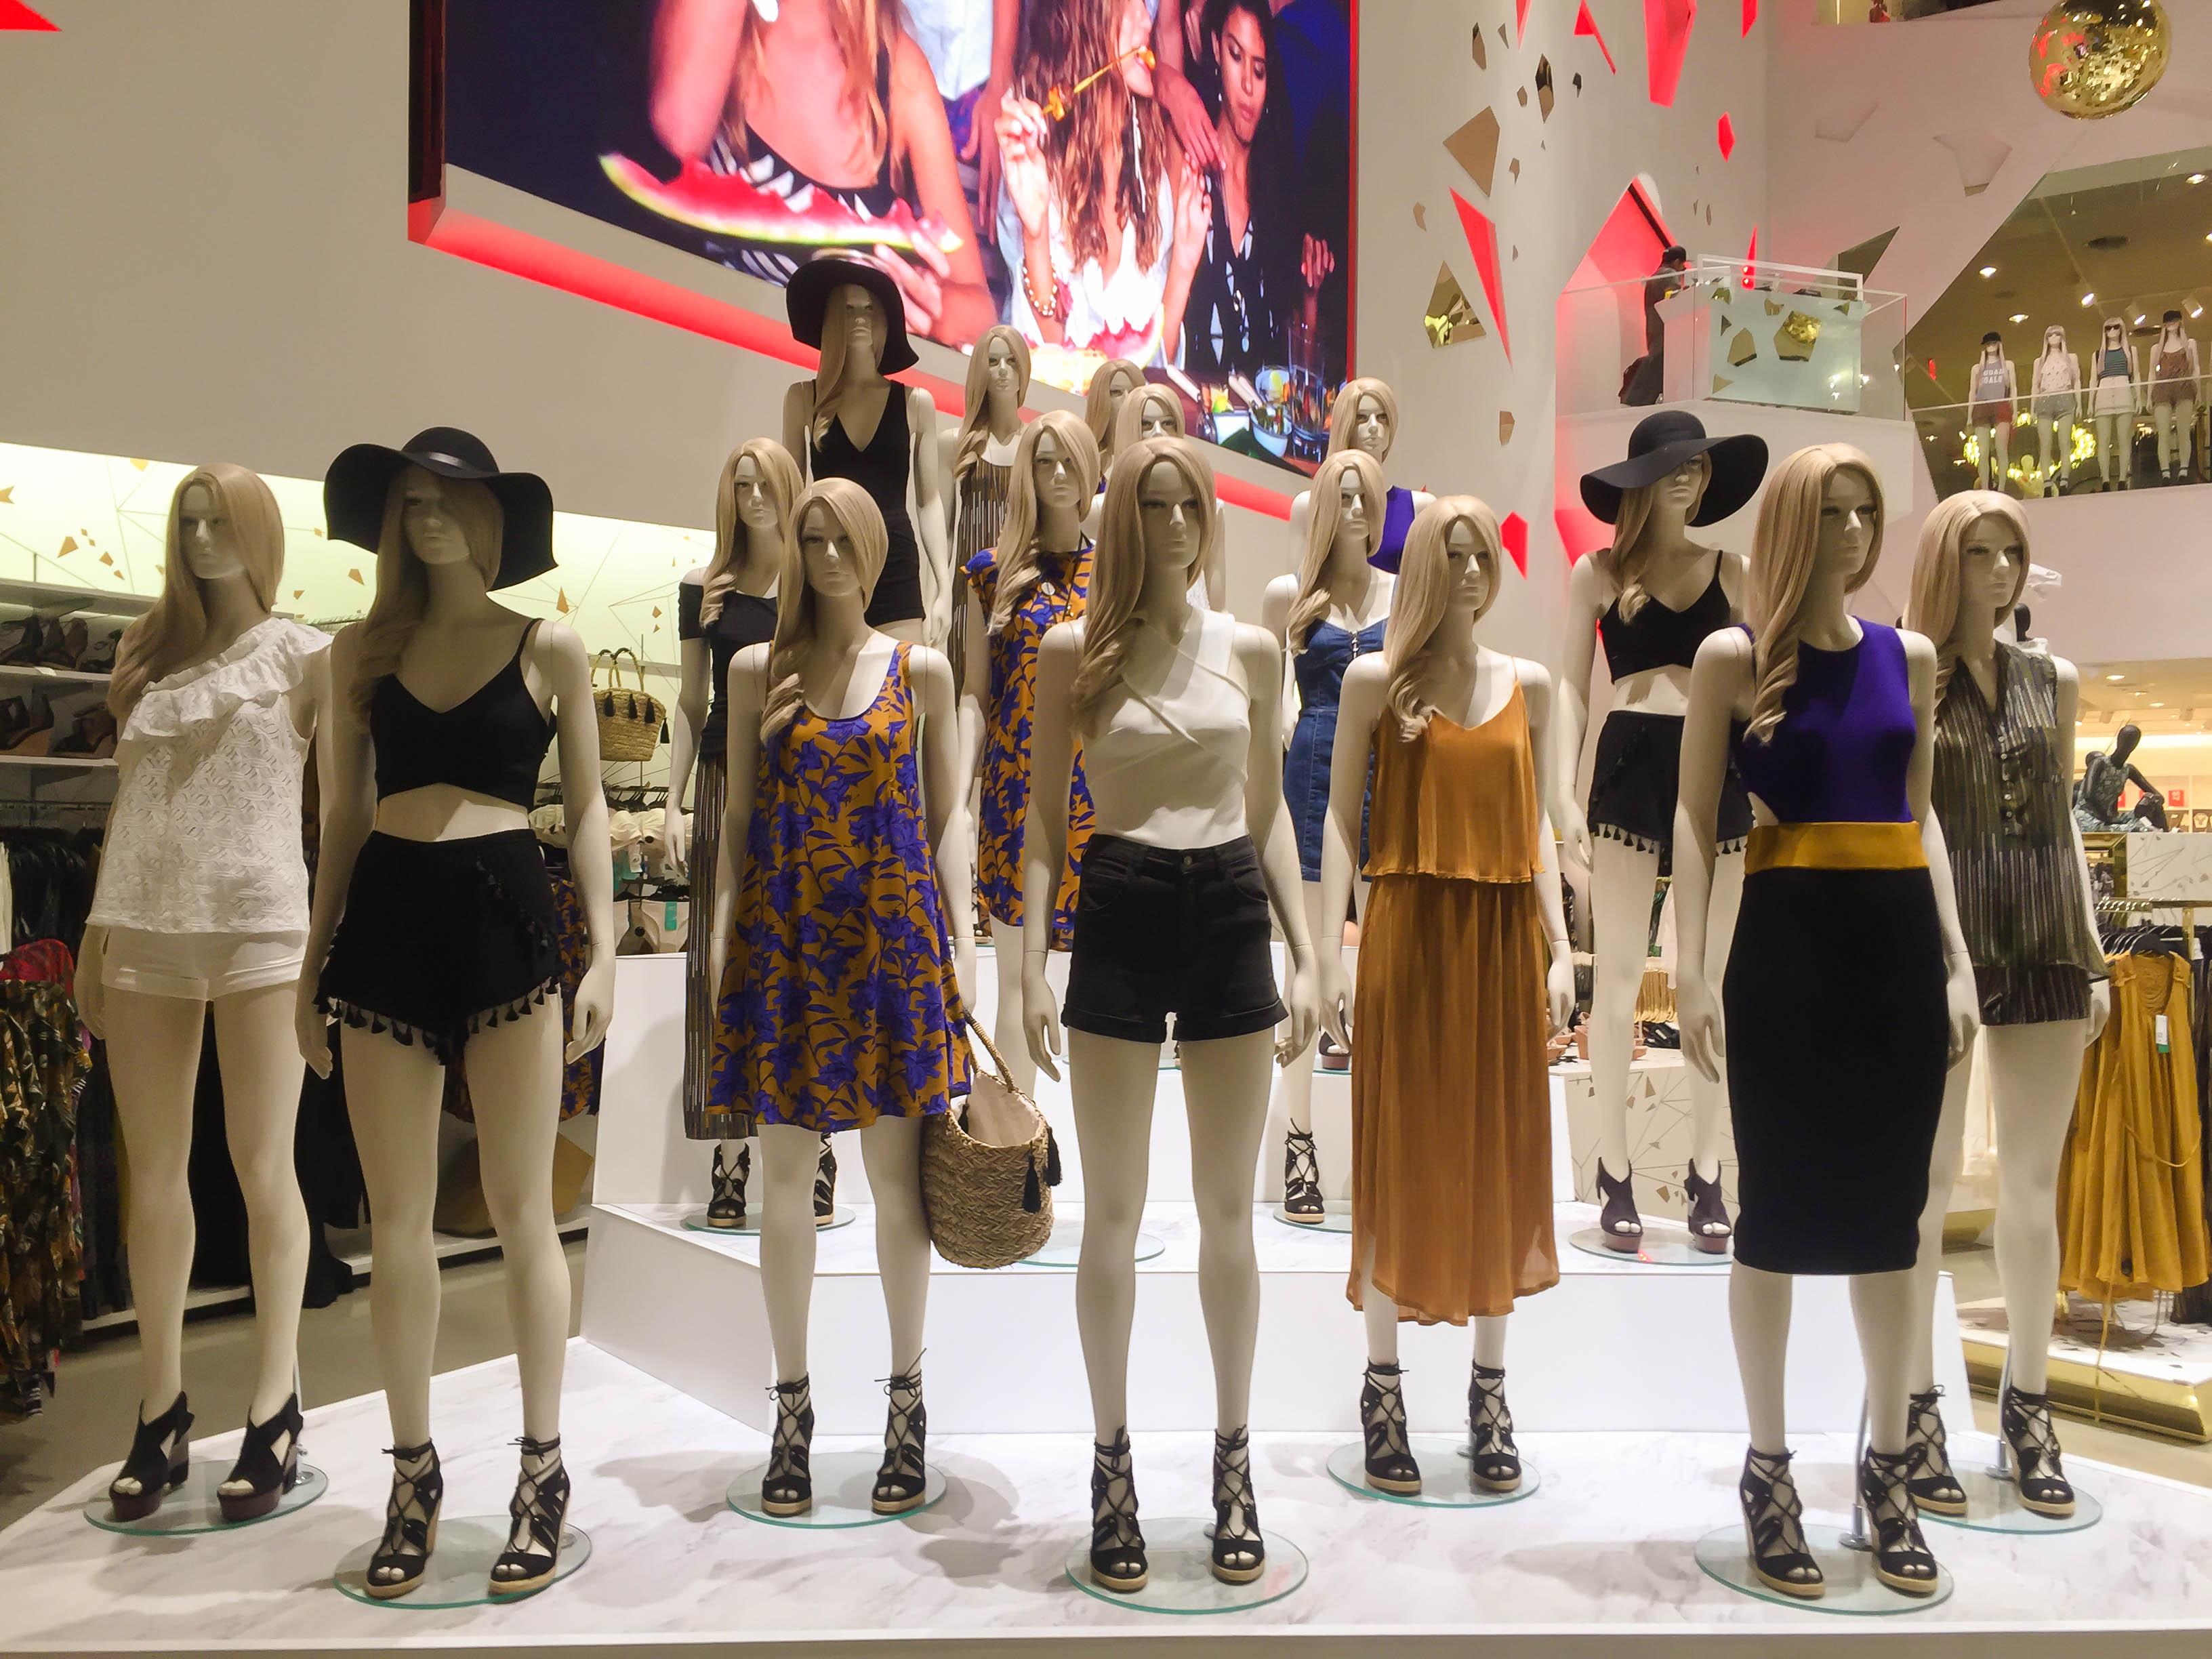 moda-las-vegas-verano-2017-fashion-diaries-8